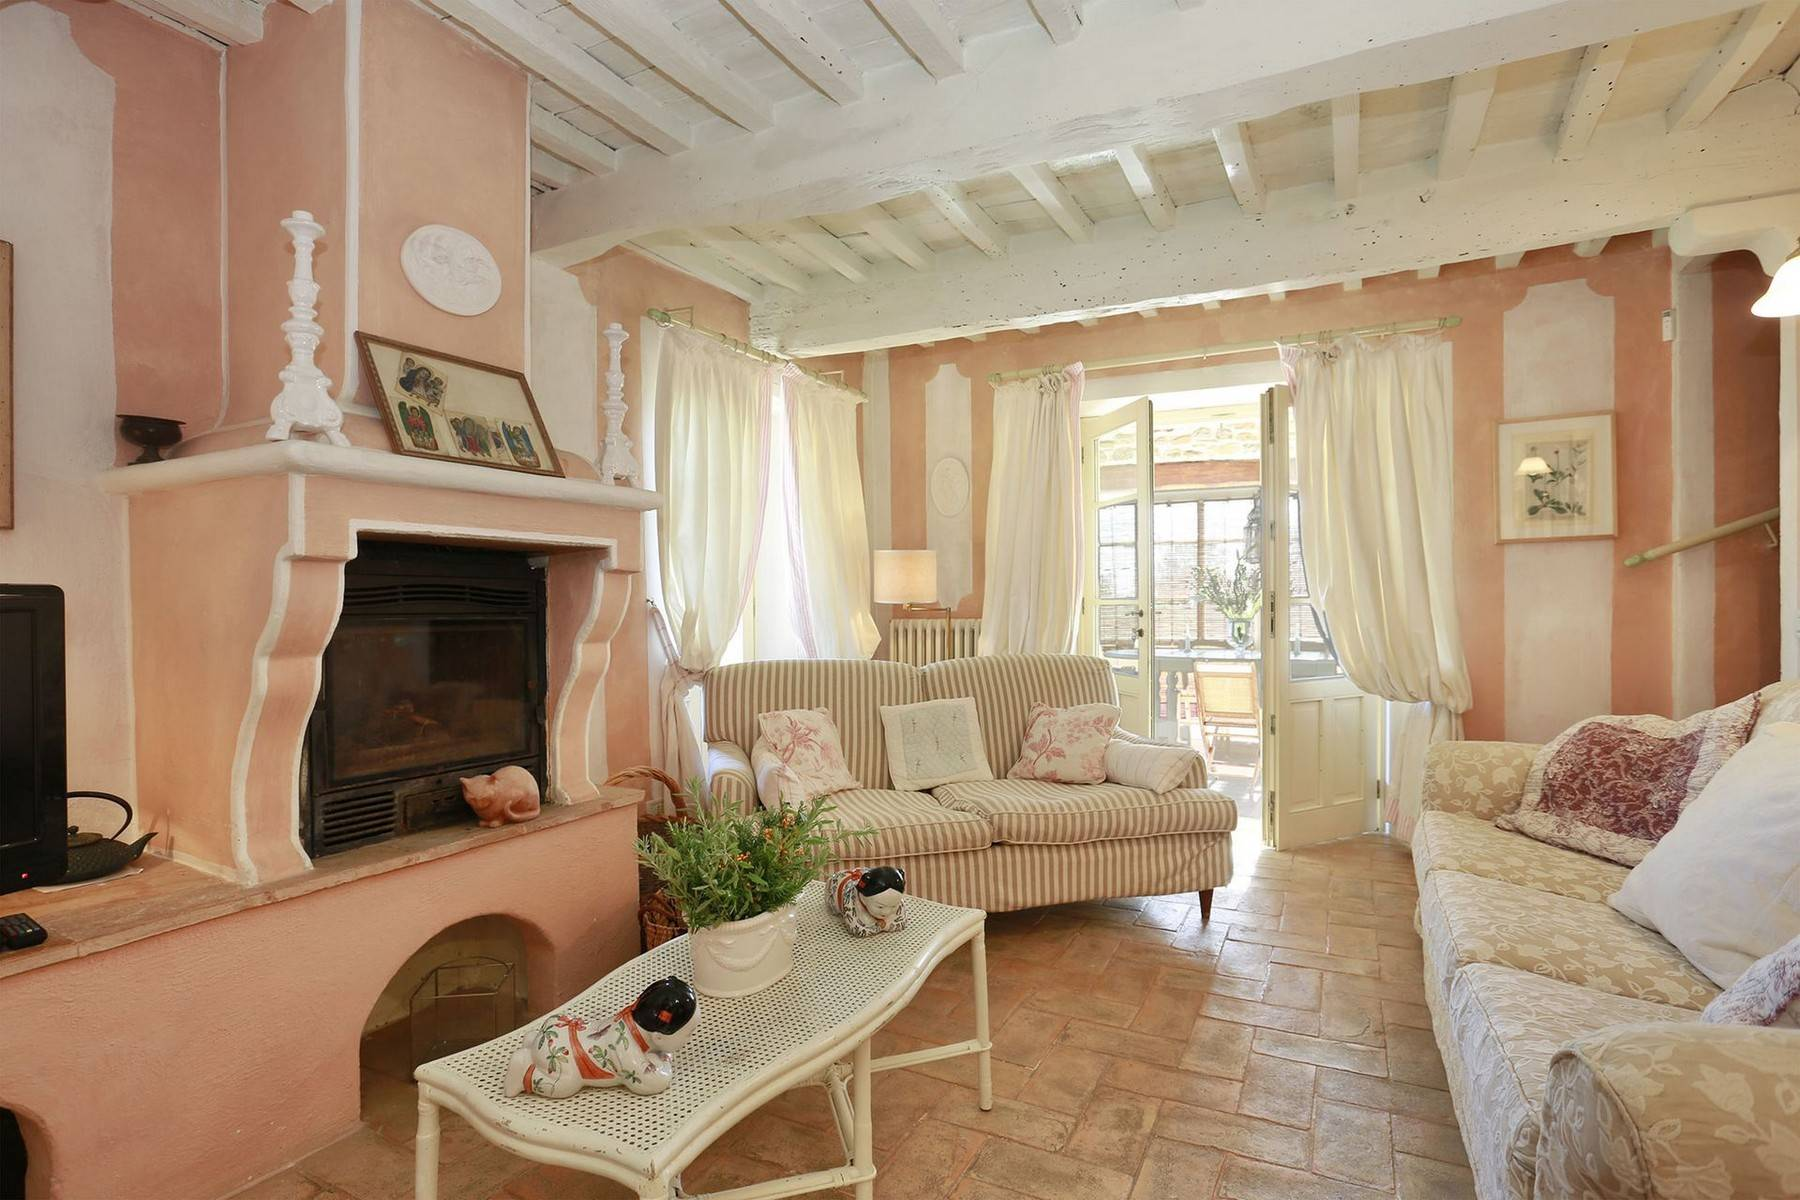 Rustico in Vendita a Manciano: 5 locali, 180 mq - Foto 19